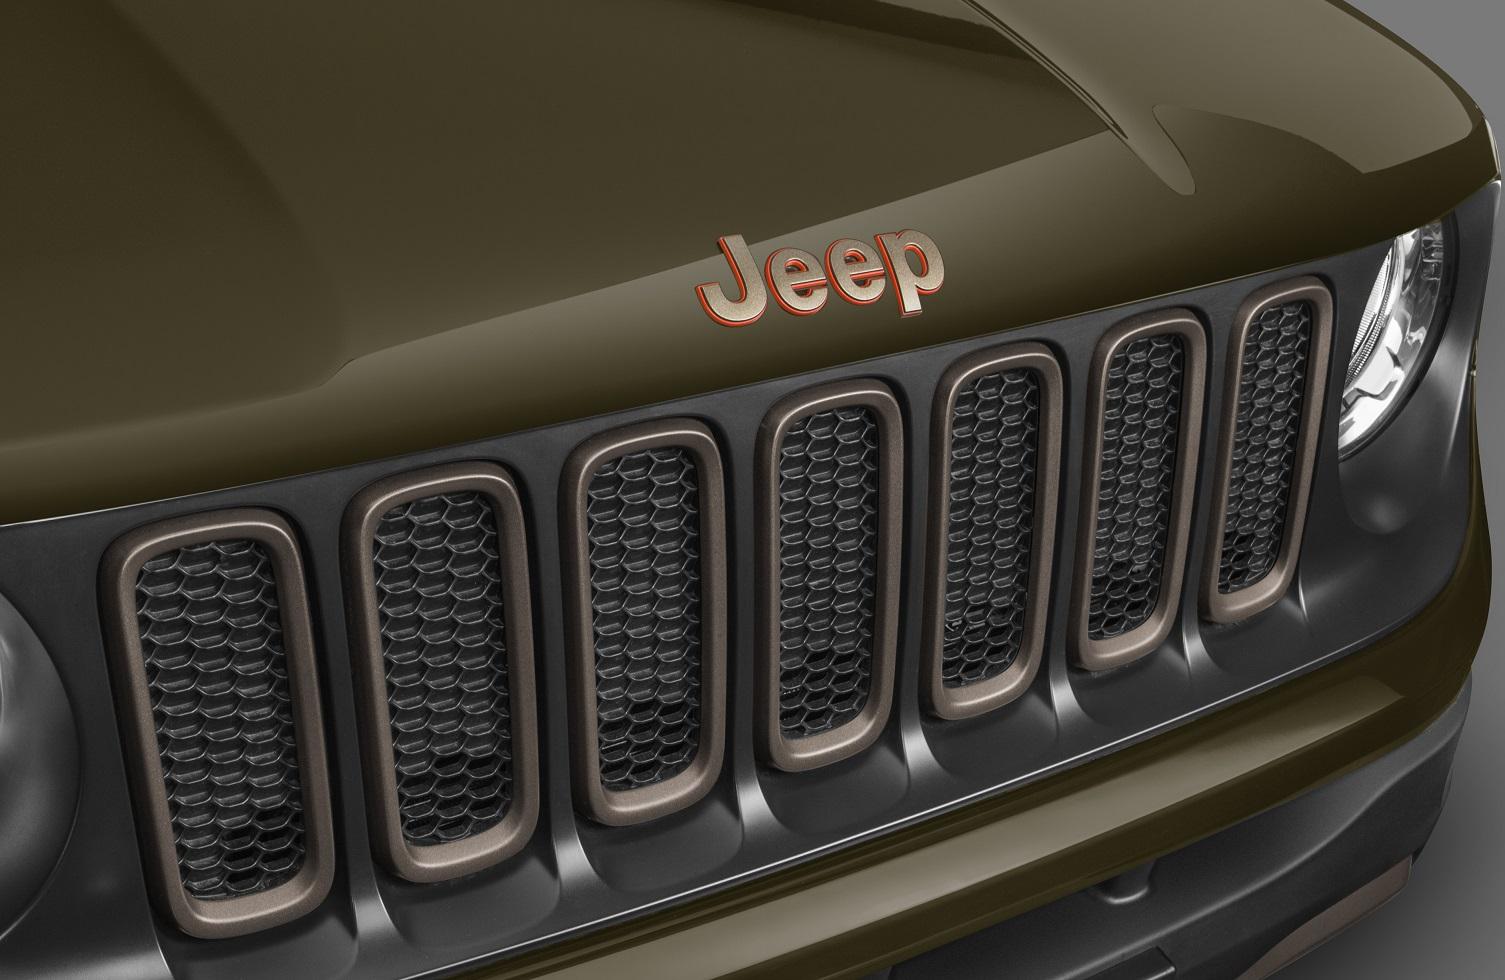 Jeep: Selecionamos cinco histórias por trás de marcas de carros conhecidas, desde a que não queria ser confundida com nazistas até a que ninguém sabe de onde veio